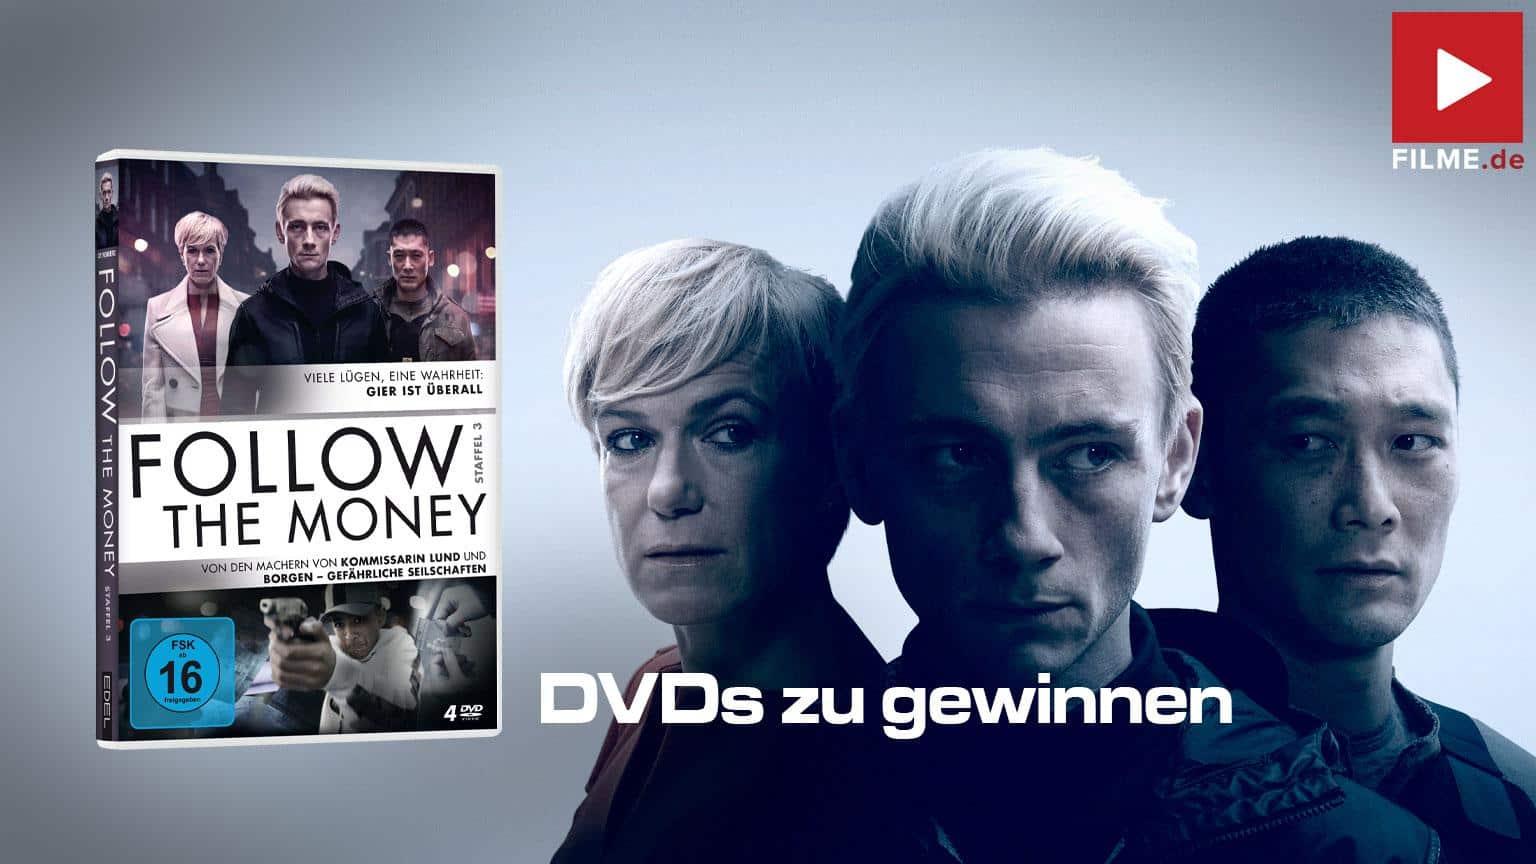 Follow the Money Staffel 3 Serie 2020 Gewinnspiel Artikelbild gewinnen shop kaufen Artikelbild